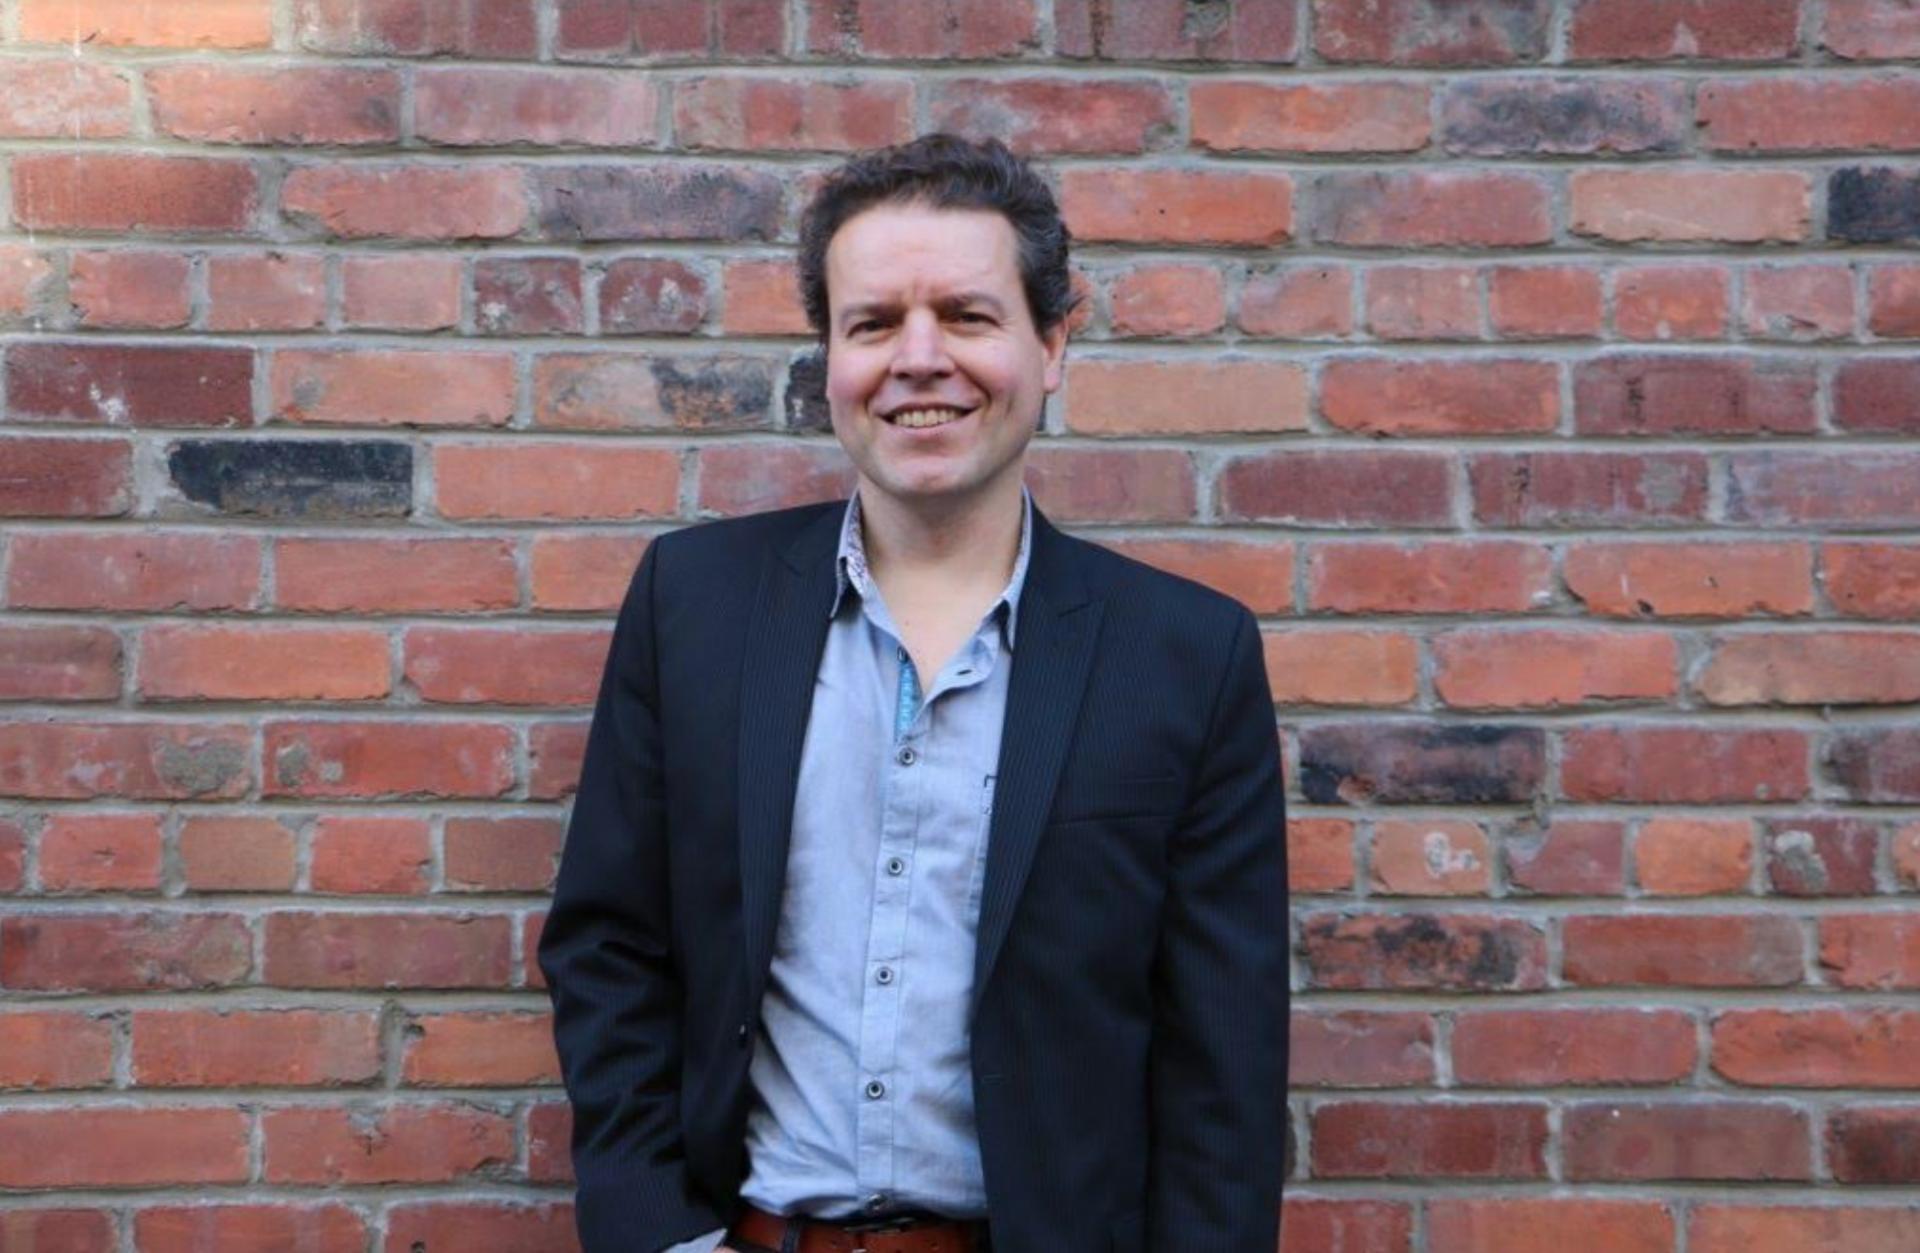 Peter-Paul Van Hoeken, Founder and CEO of SMV.